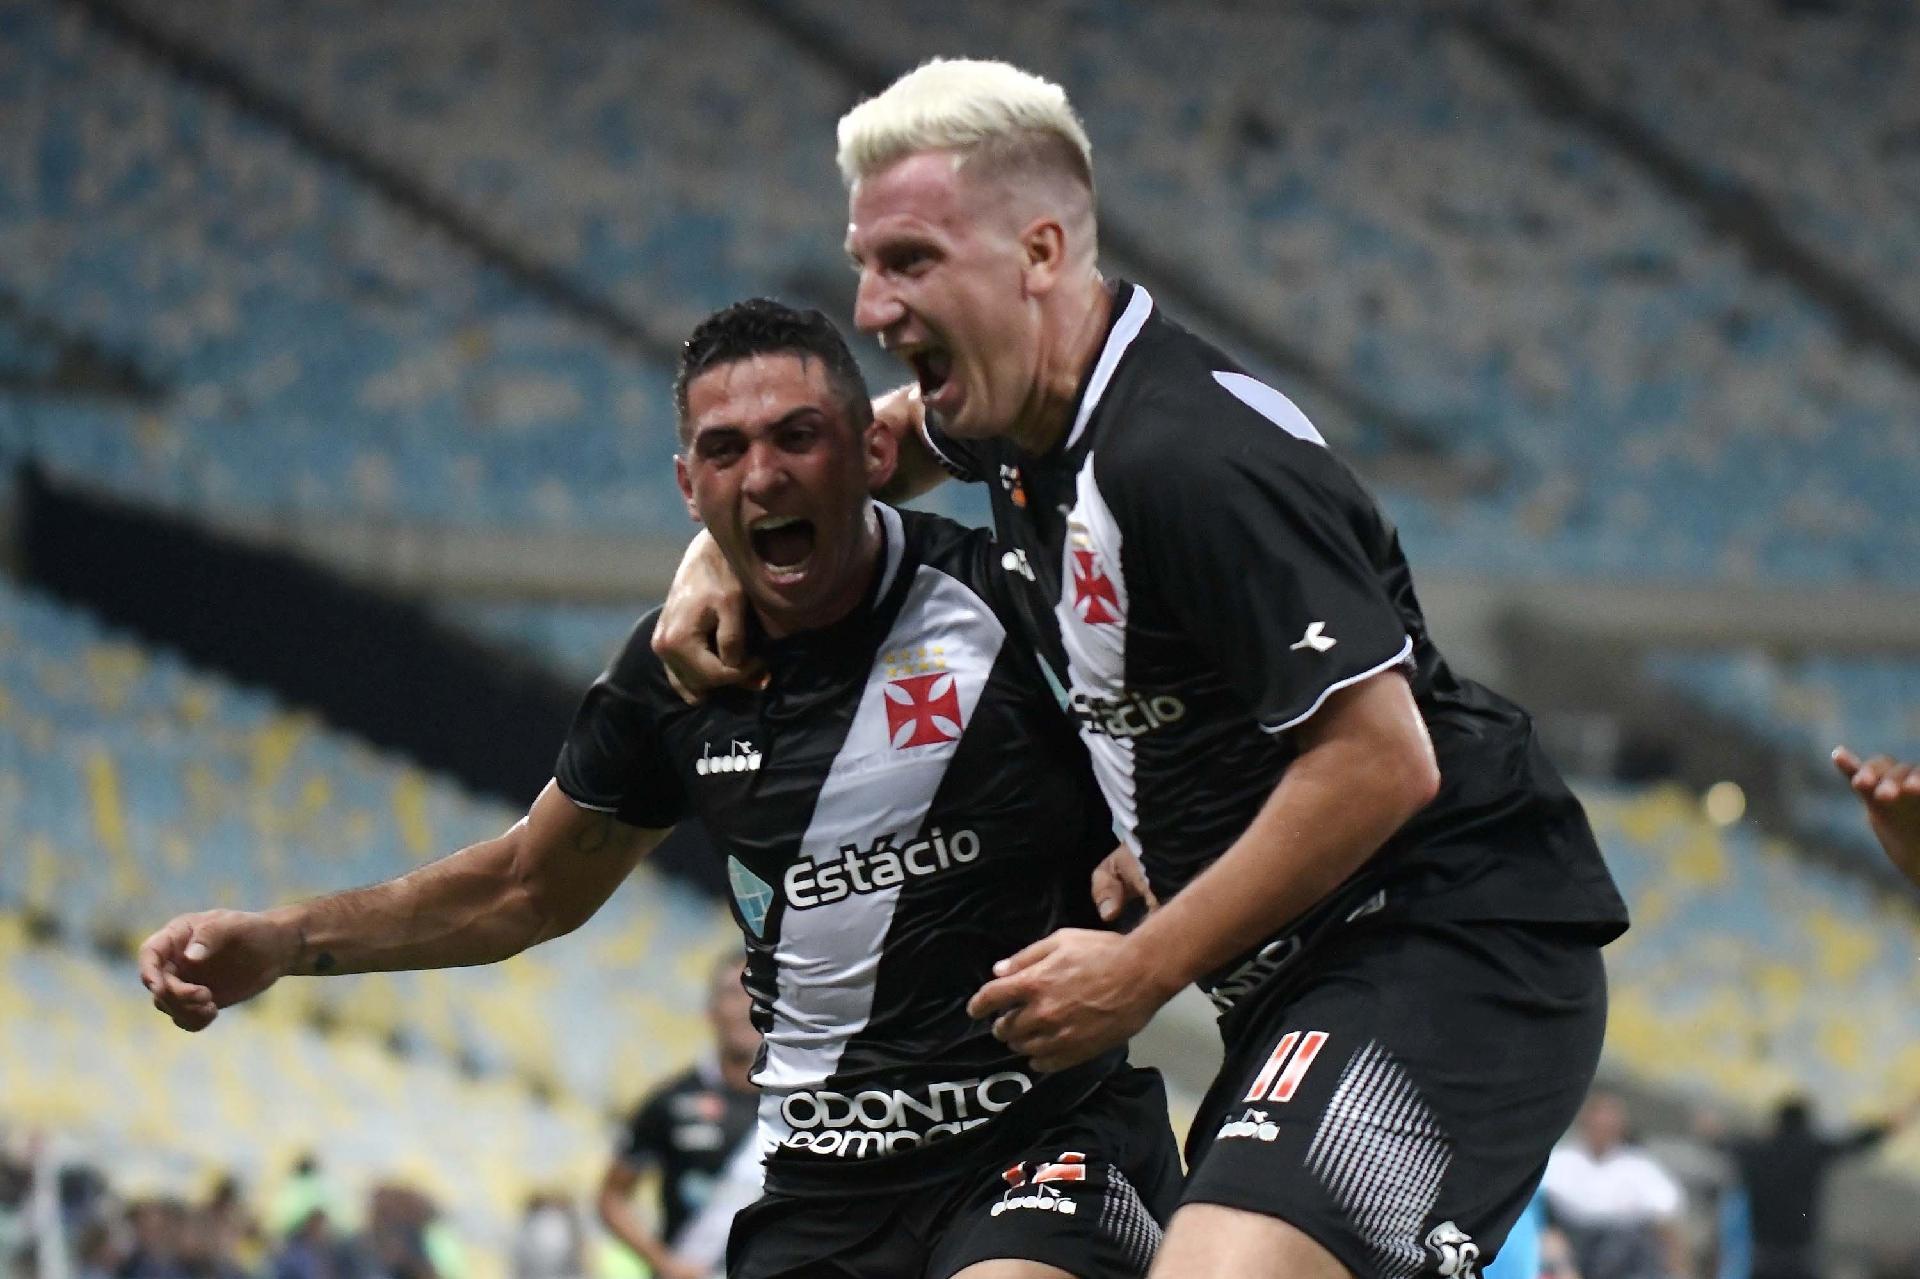 5c1e5fb27a Vasco vence Fluminense no Maracanã e conquista Taça Guanabara - Esporte -  BOL